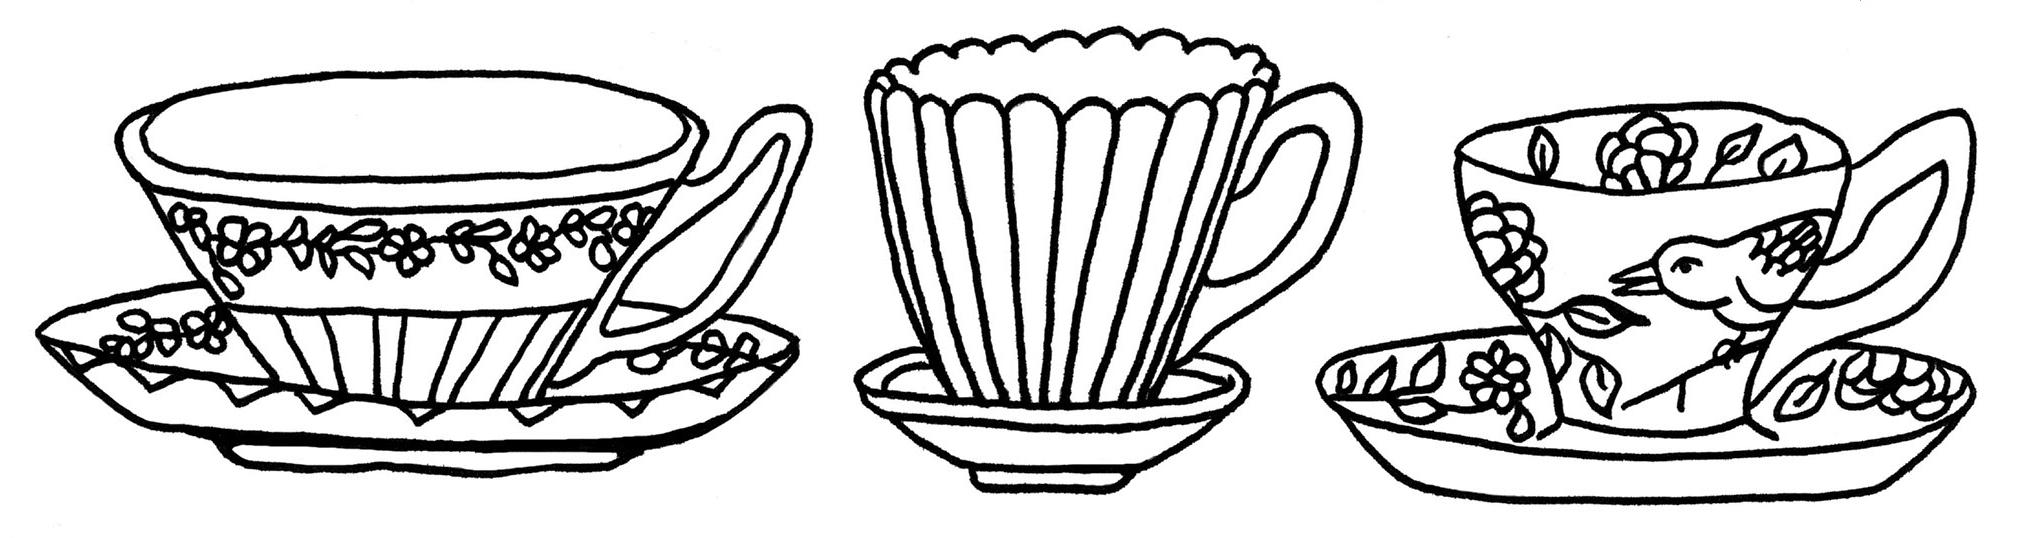 Three teacups by Teva Harrison